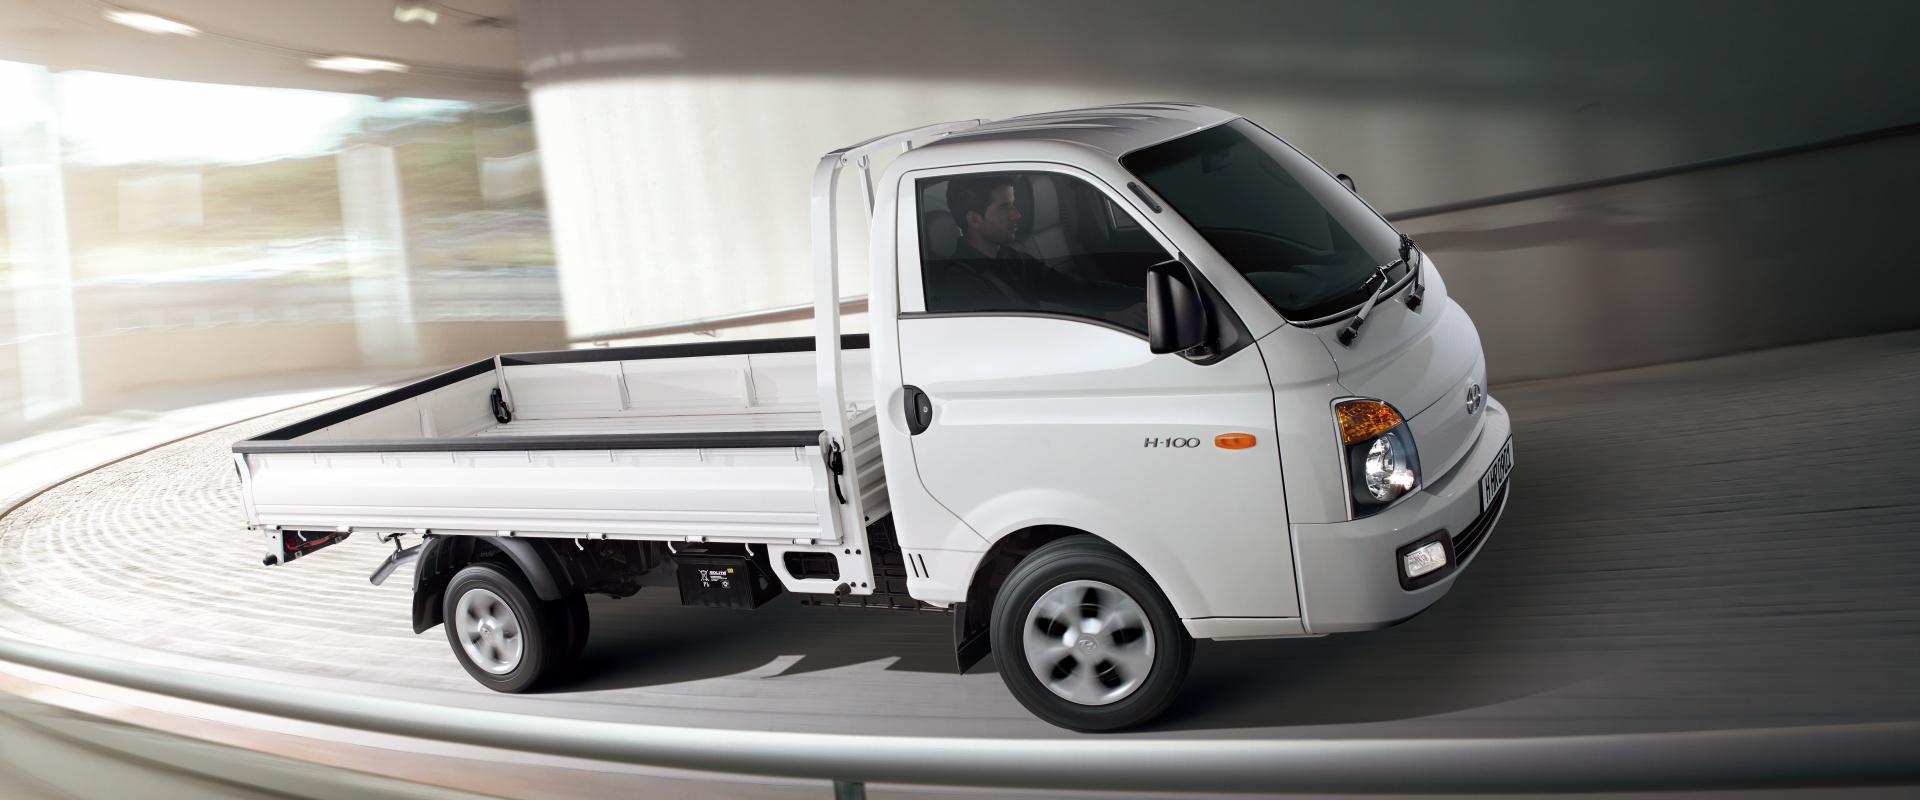 Hyundai - H100